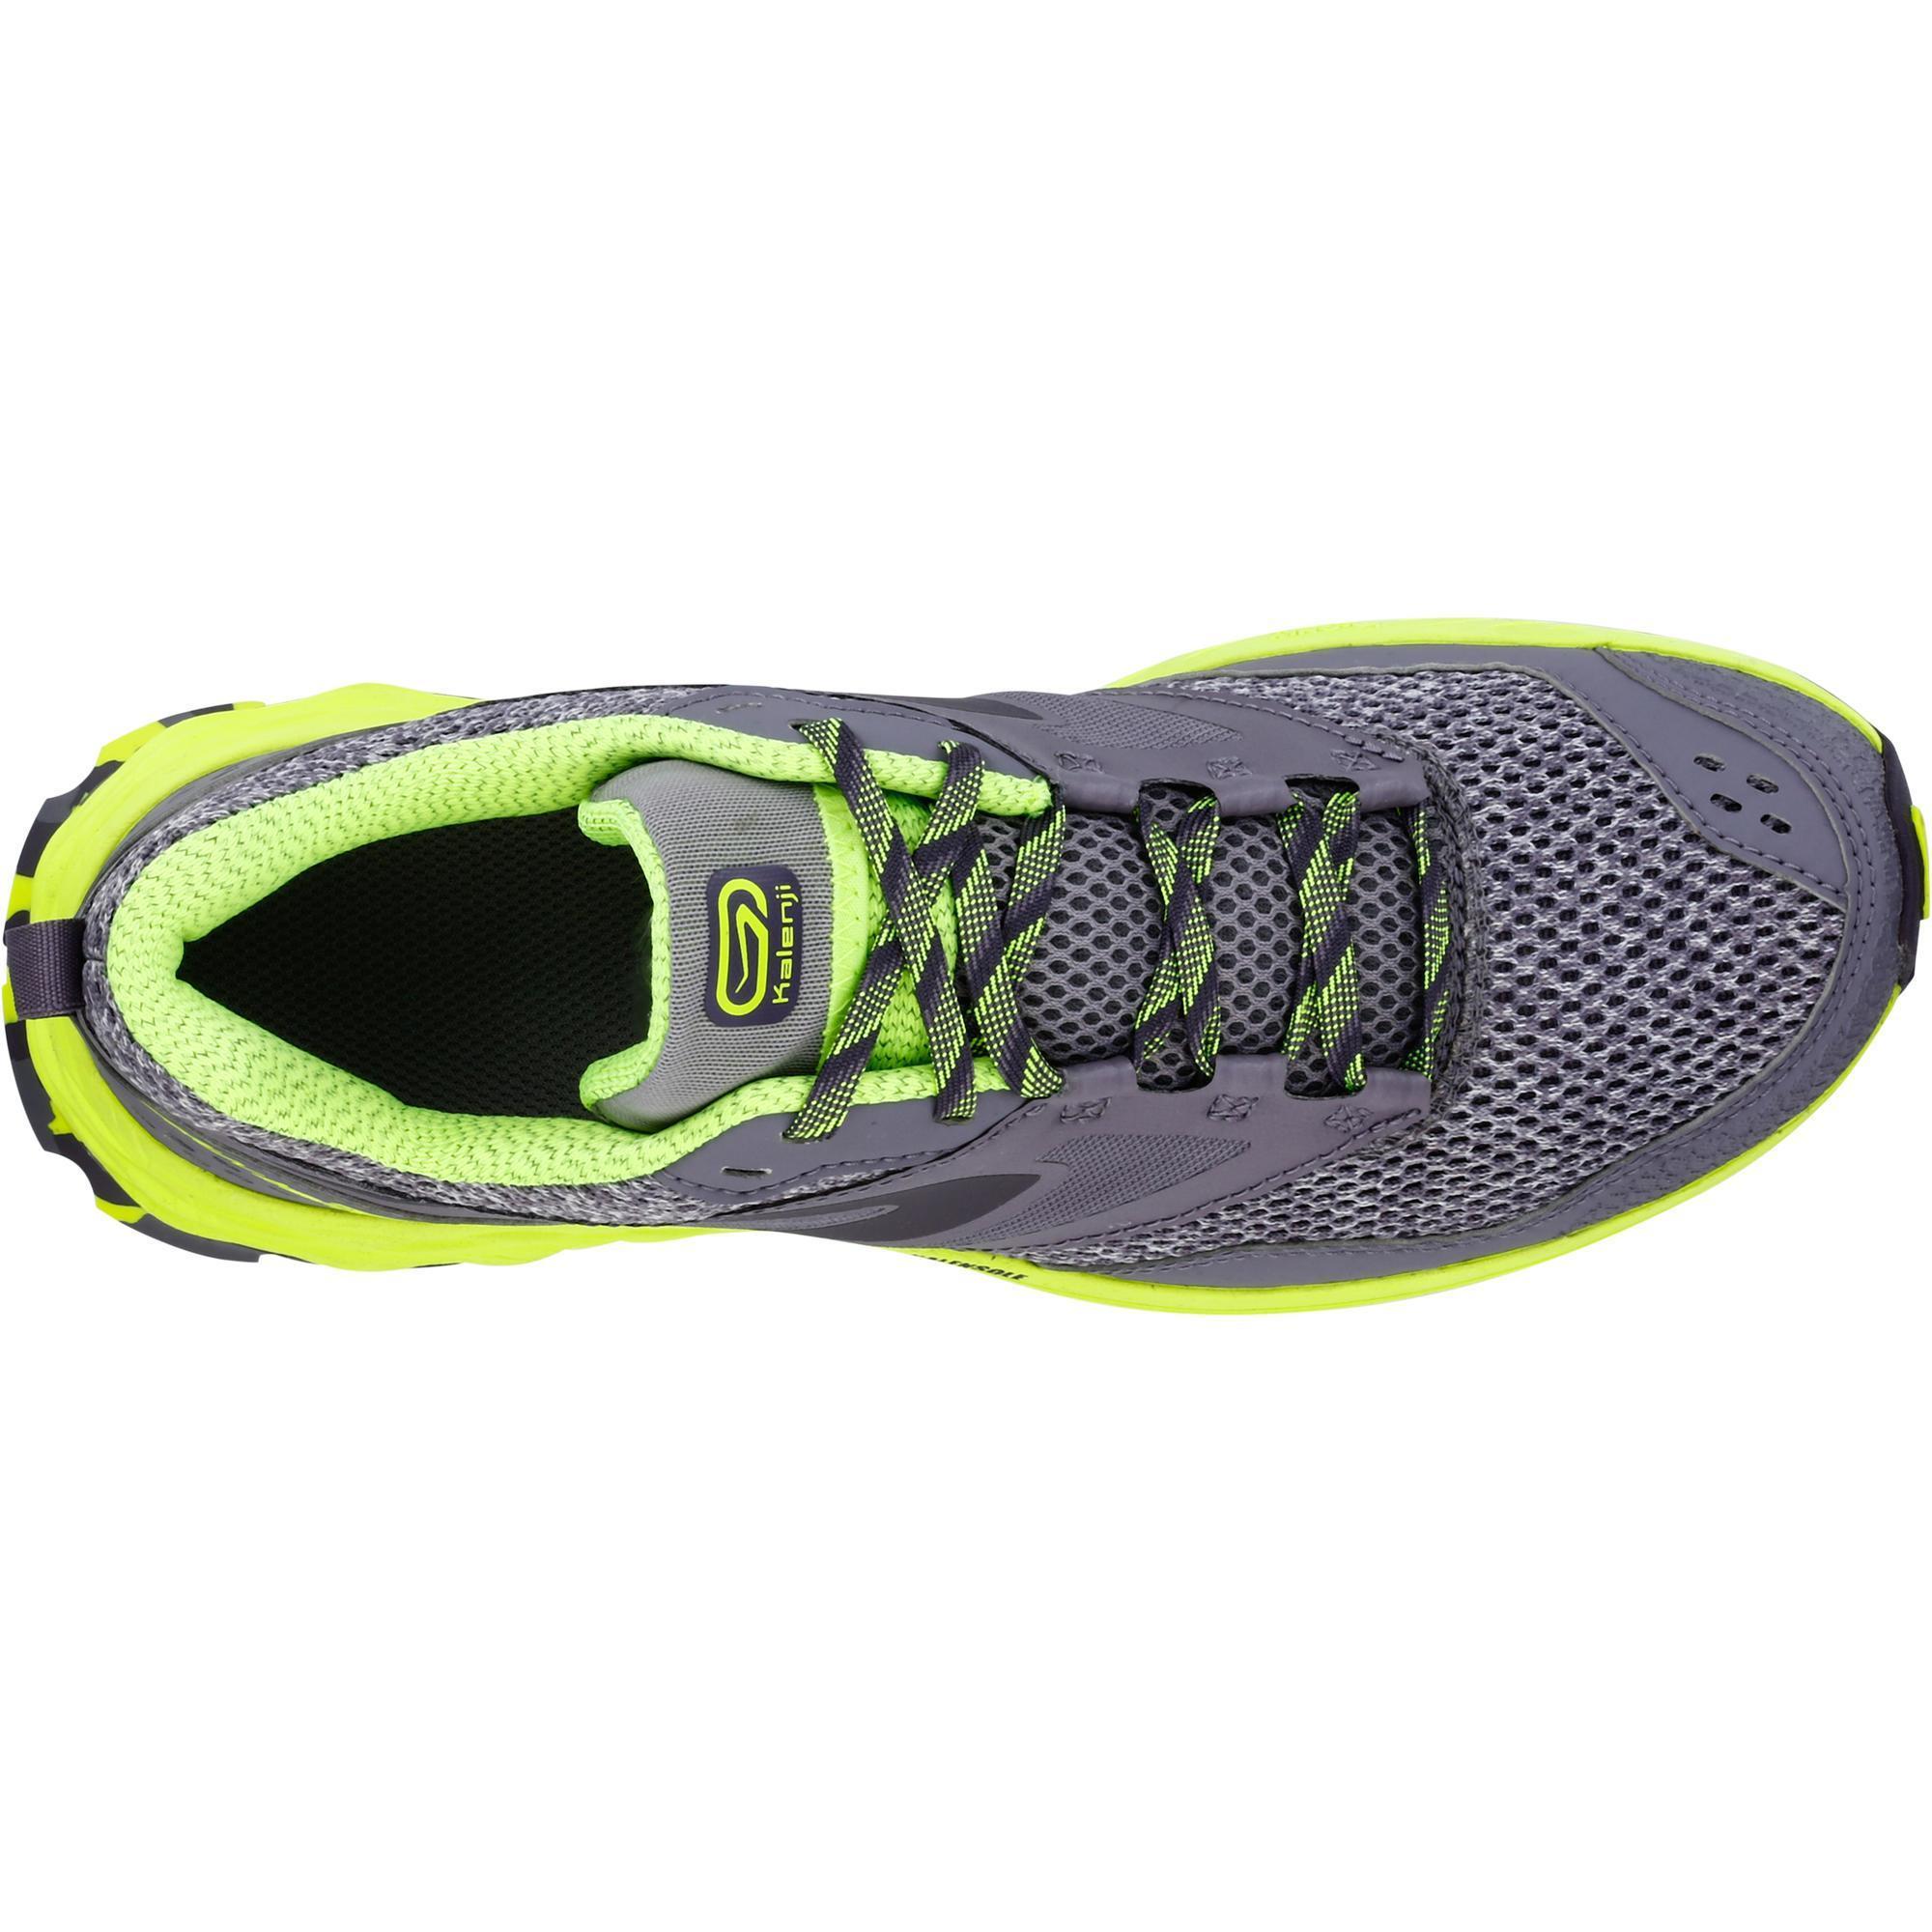 size 40 b5ba1 3a80c Trail Tr 4nq5xrFqz Femme Kalenji Kiprun Chaussure Running Decathlon UPUqr